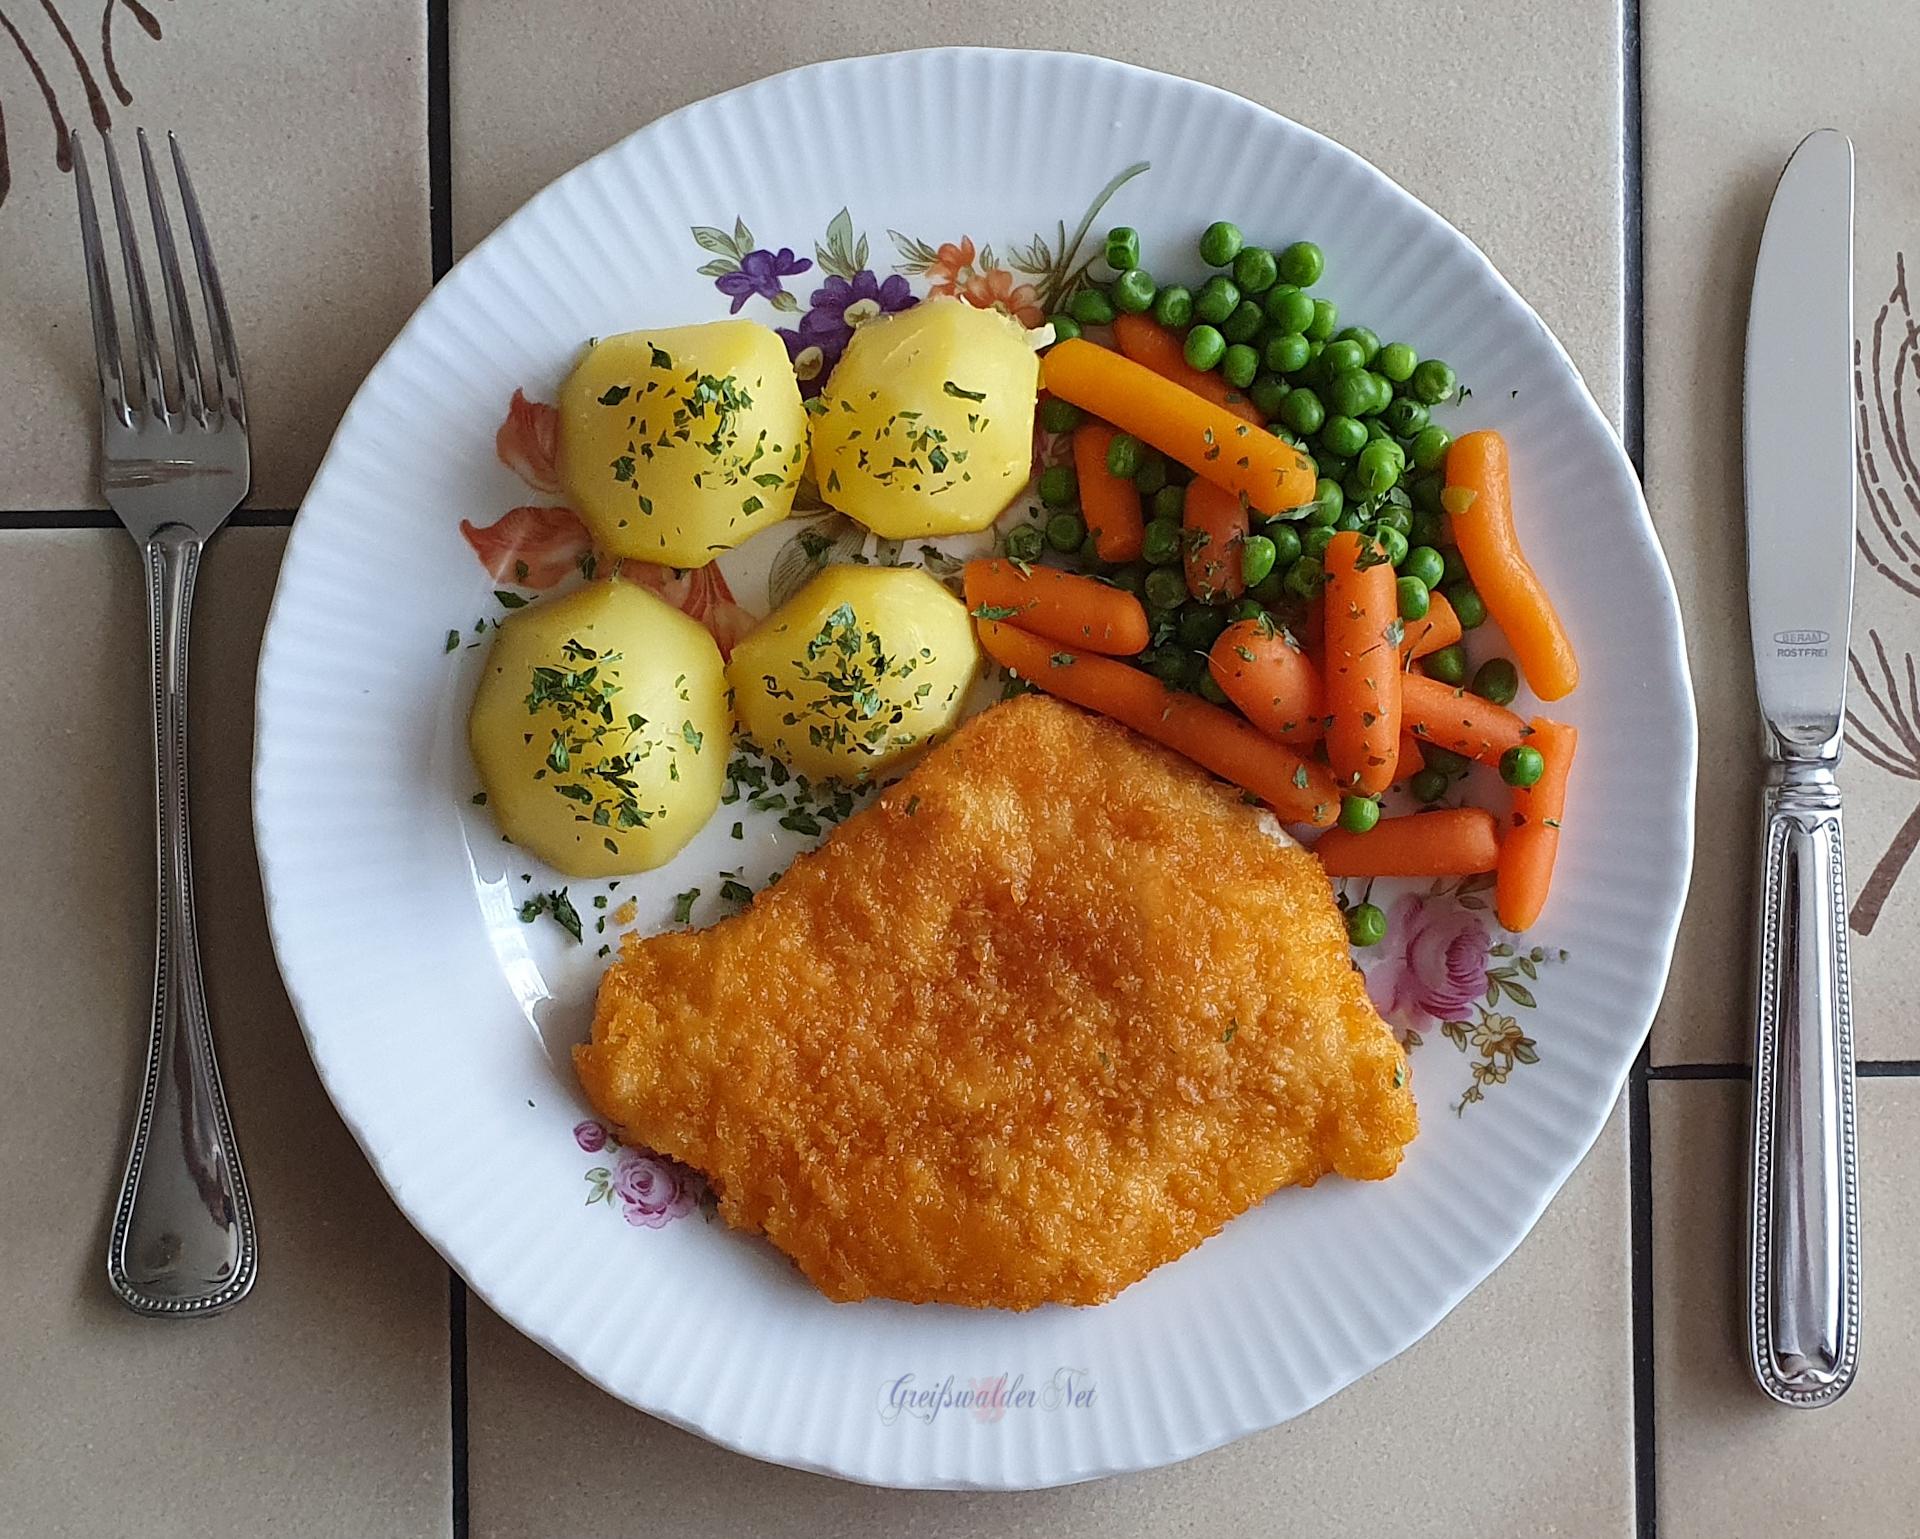 Hähnchenschnitzel mit Frühkartoffeln, Möhren und Erbsen